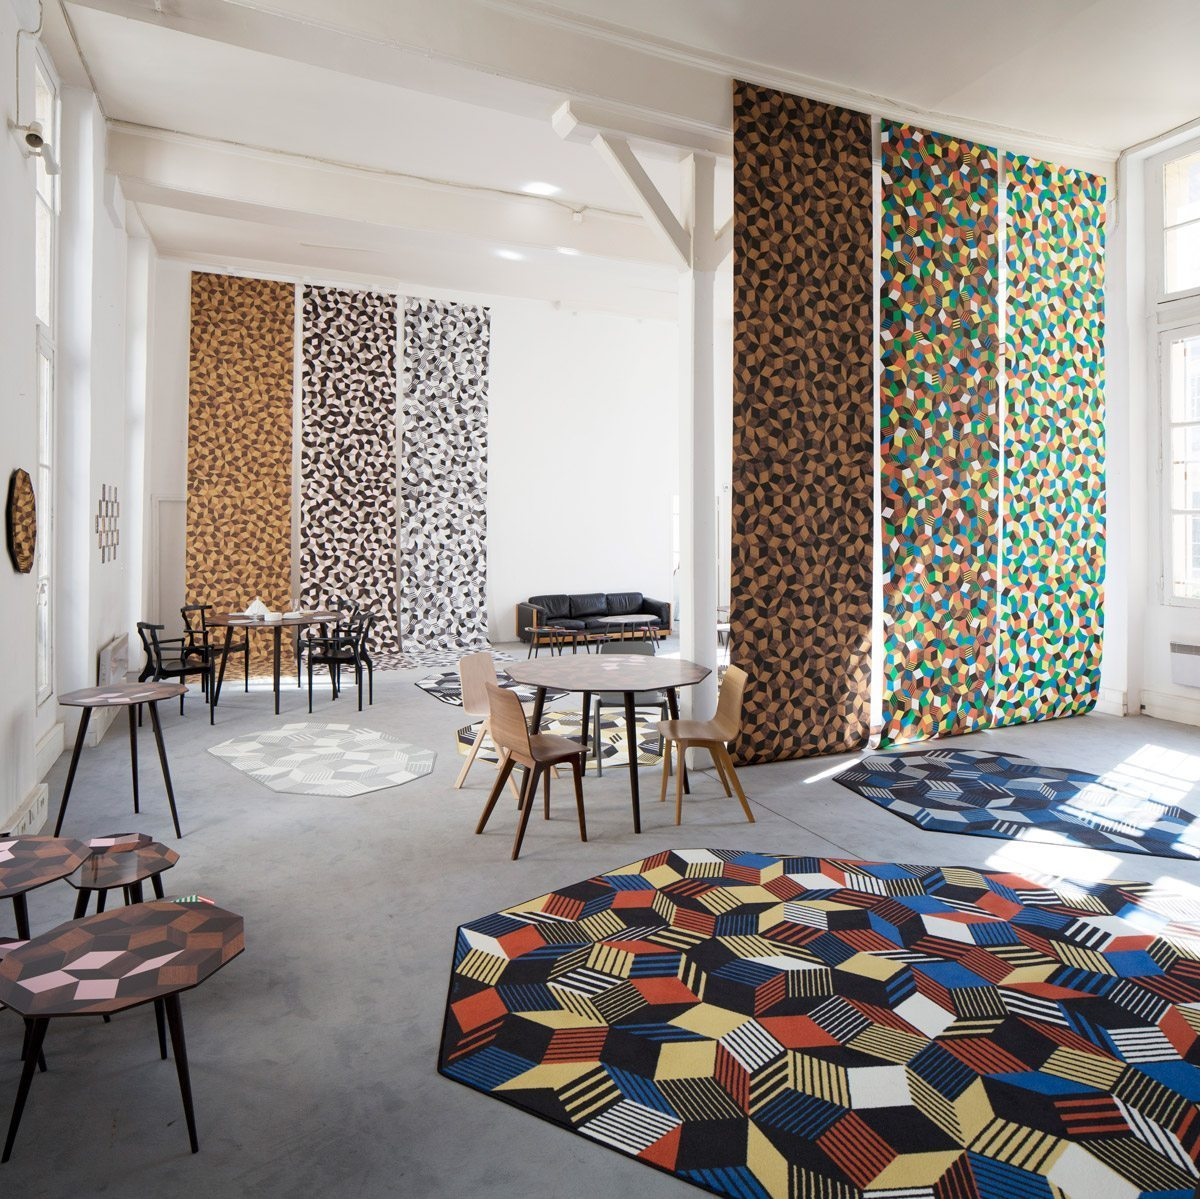 Exposition Penrose Project, Ich&Kar - Bazartherapy, Paris Design Week 2015, tables et tapis aux motifs géométriques, installation vertigineuse de papiers peints